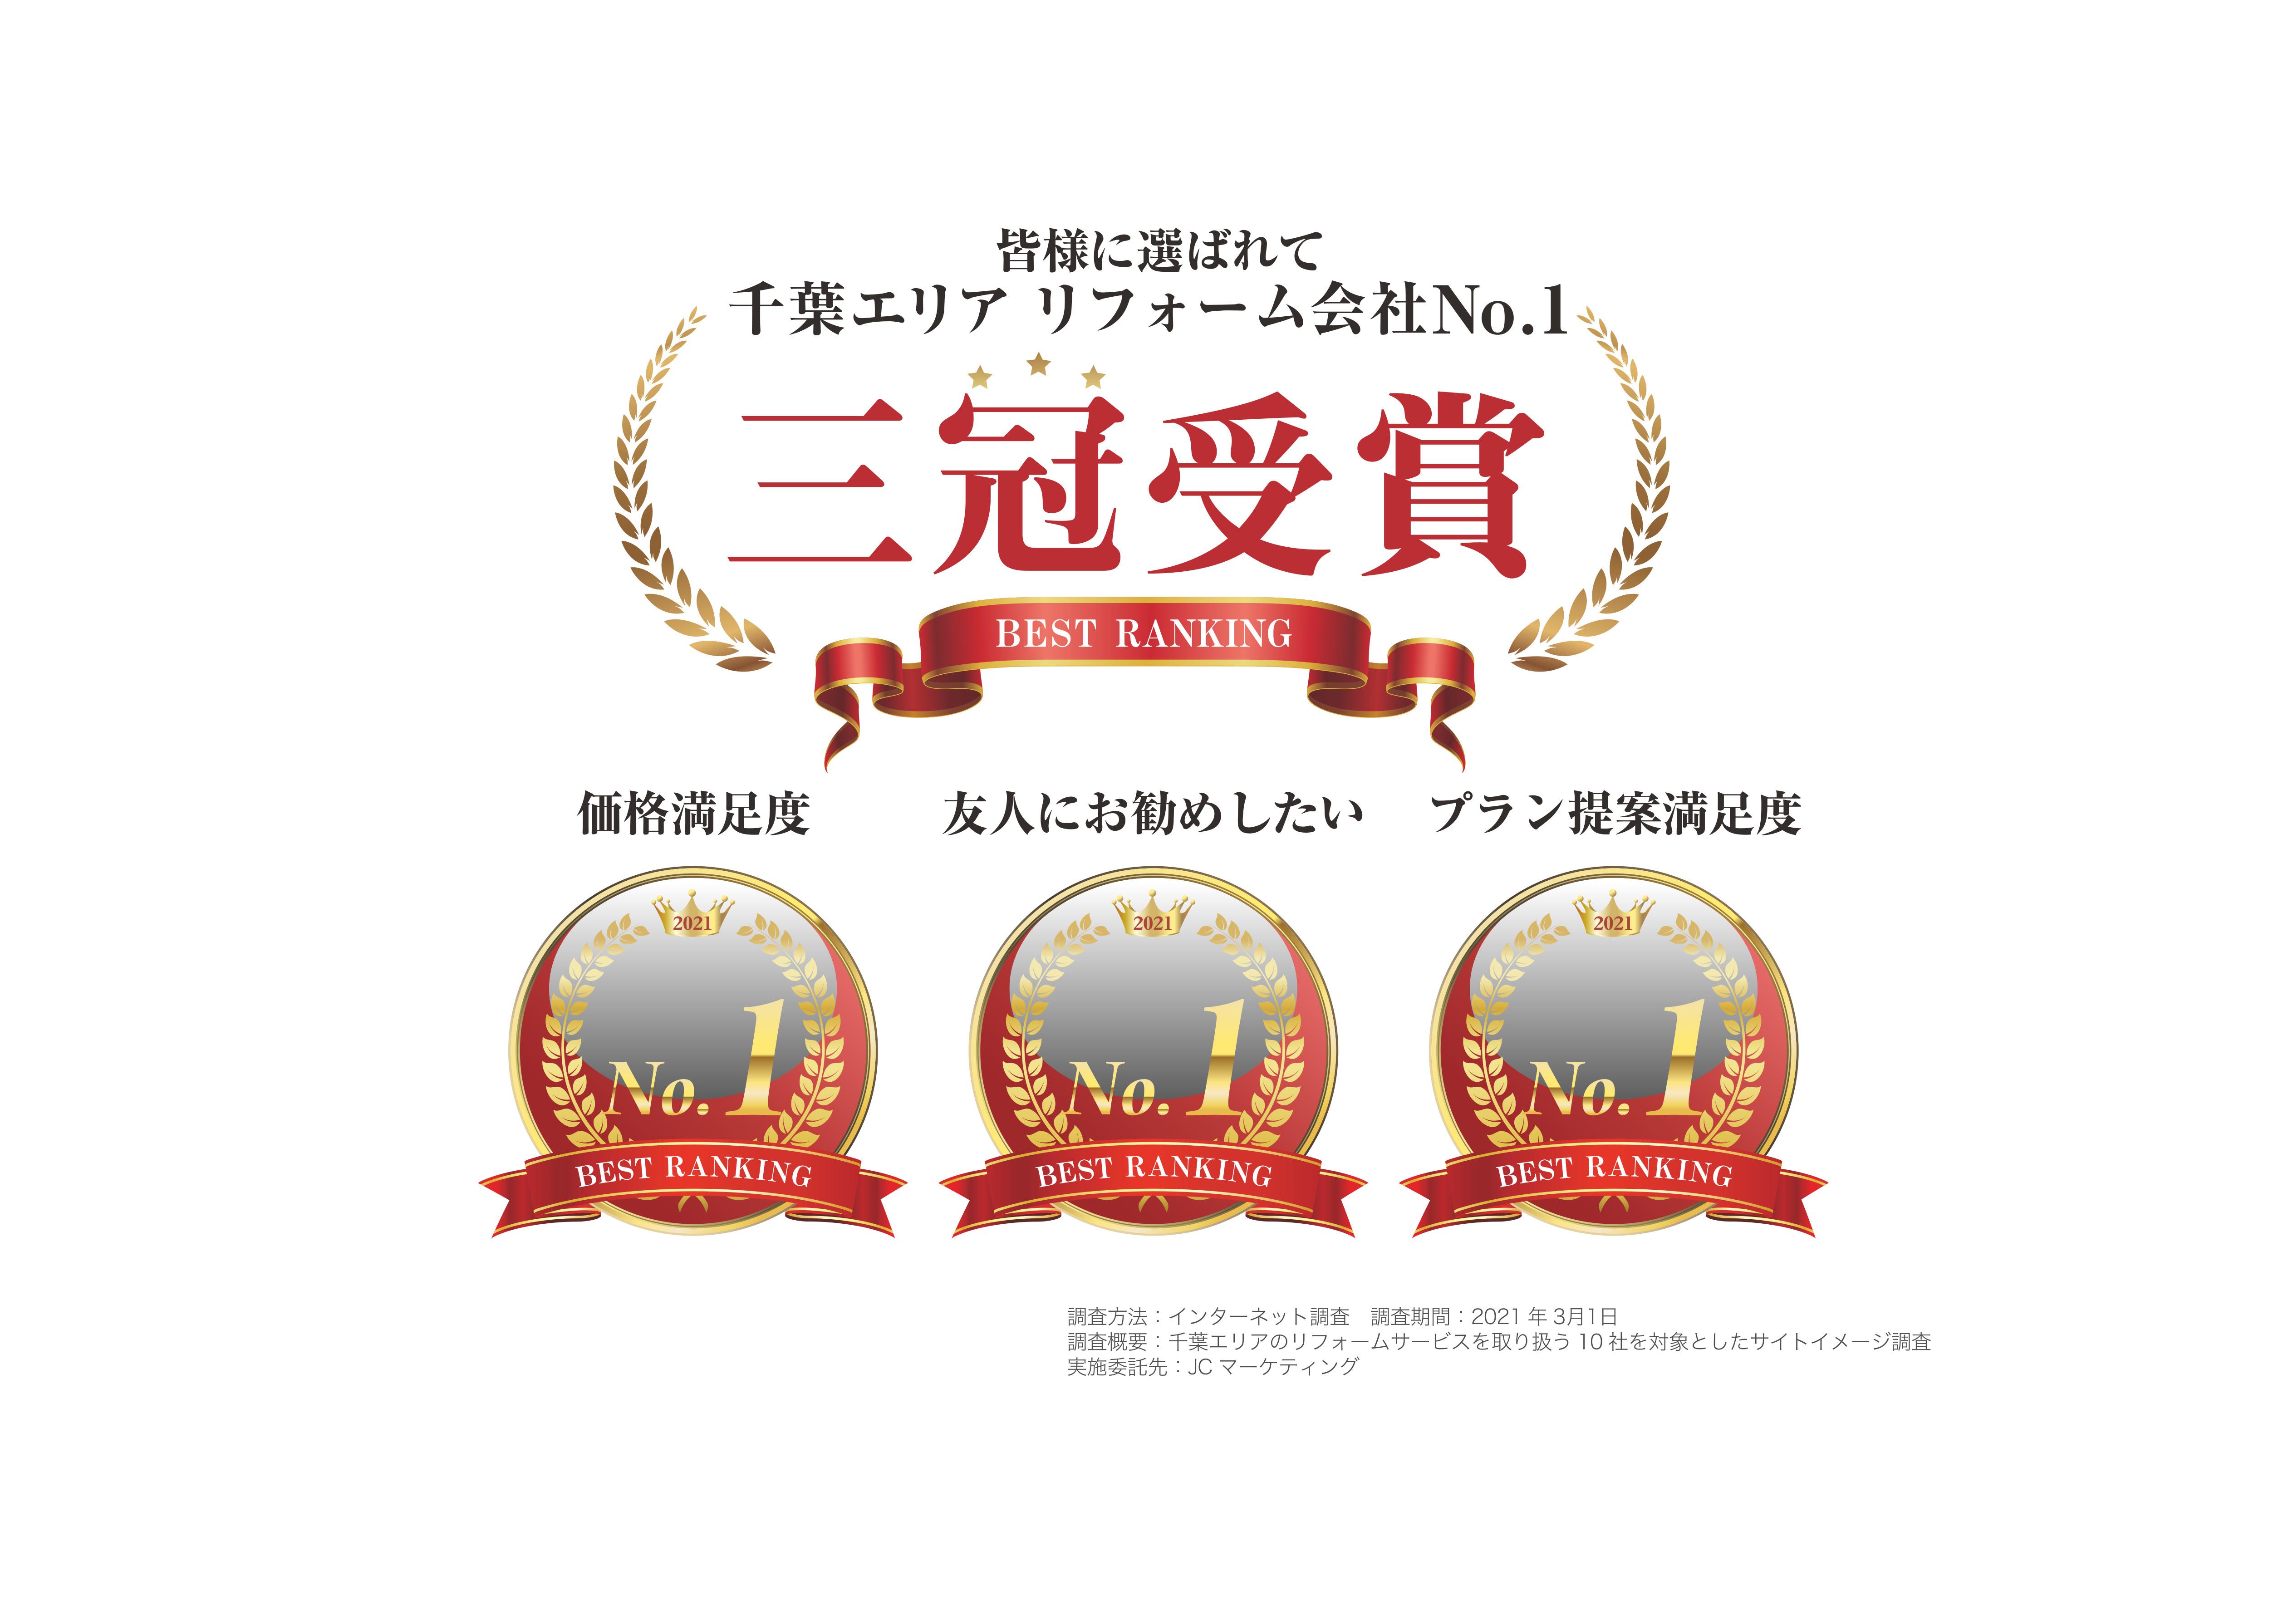 ナガツユアートテック御中-No.1ロゴデータ